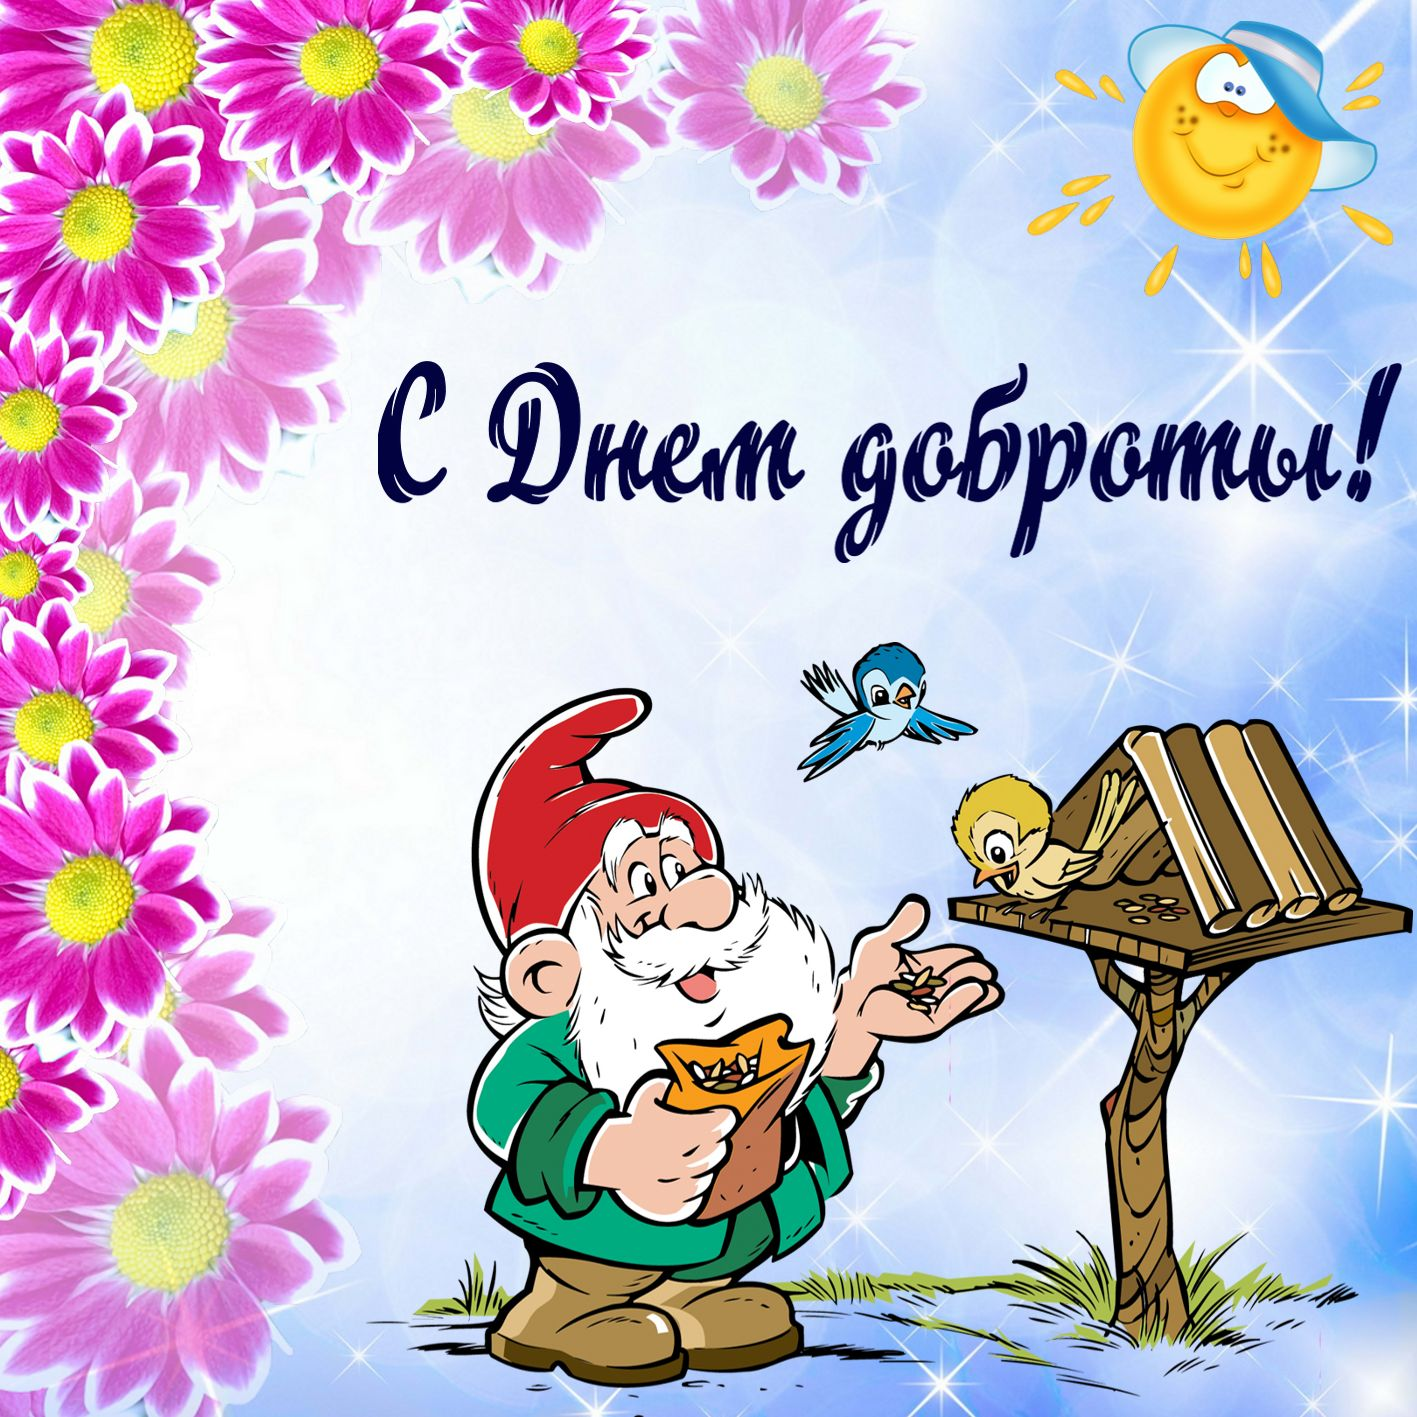 Открытка на День доброты - гномик кормит птичек на фоне цветов